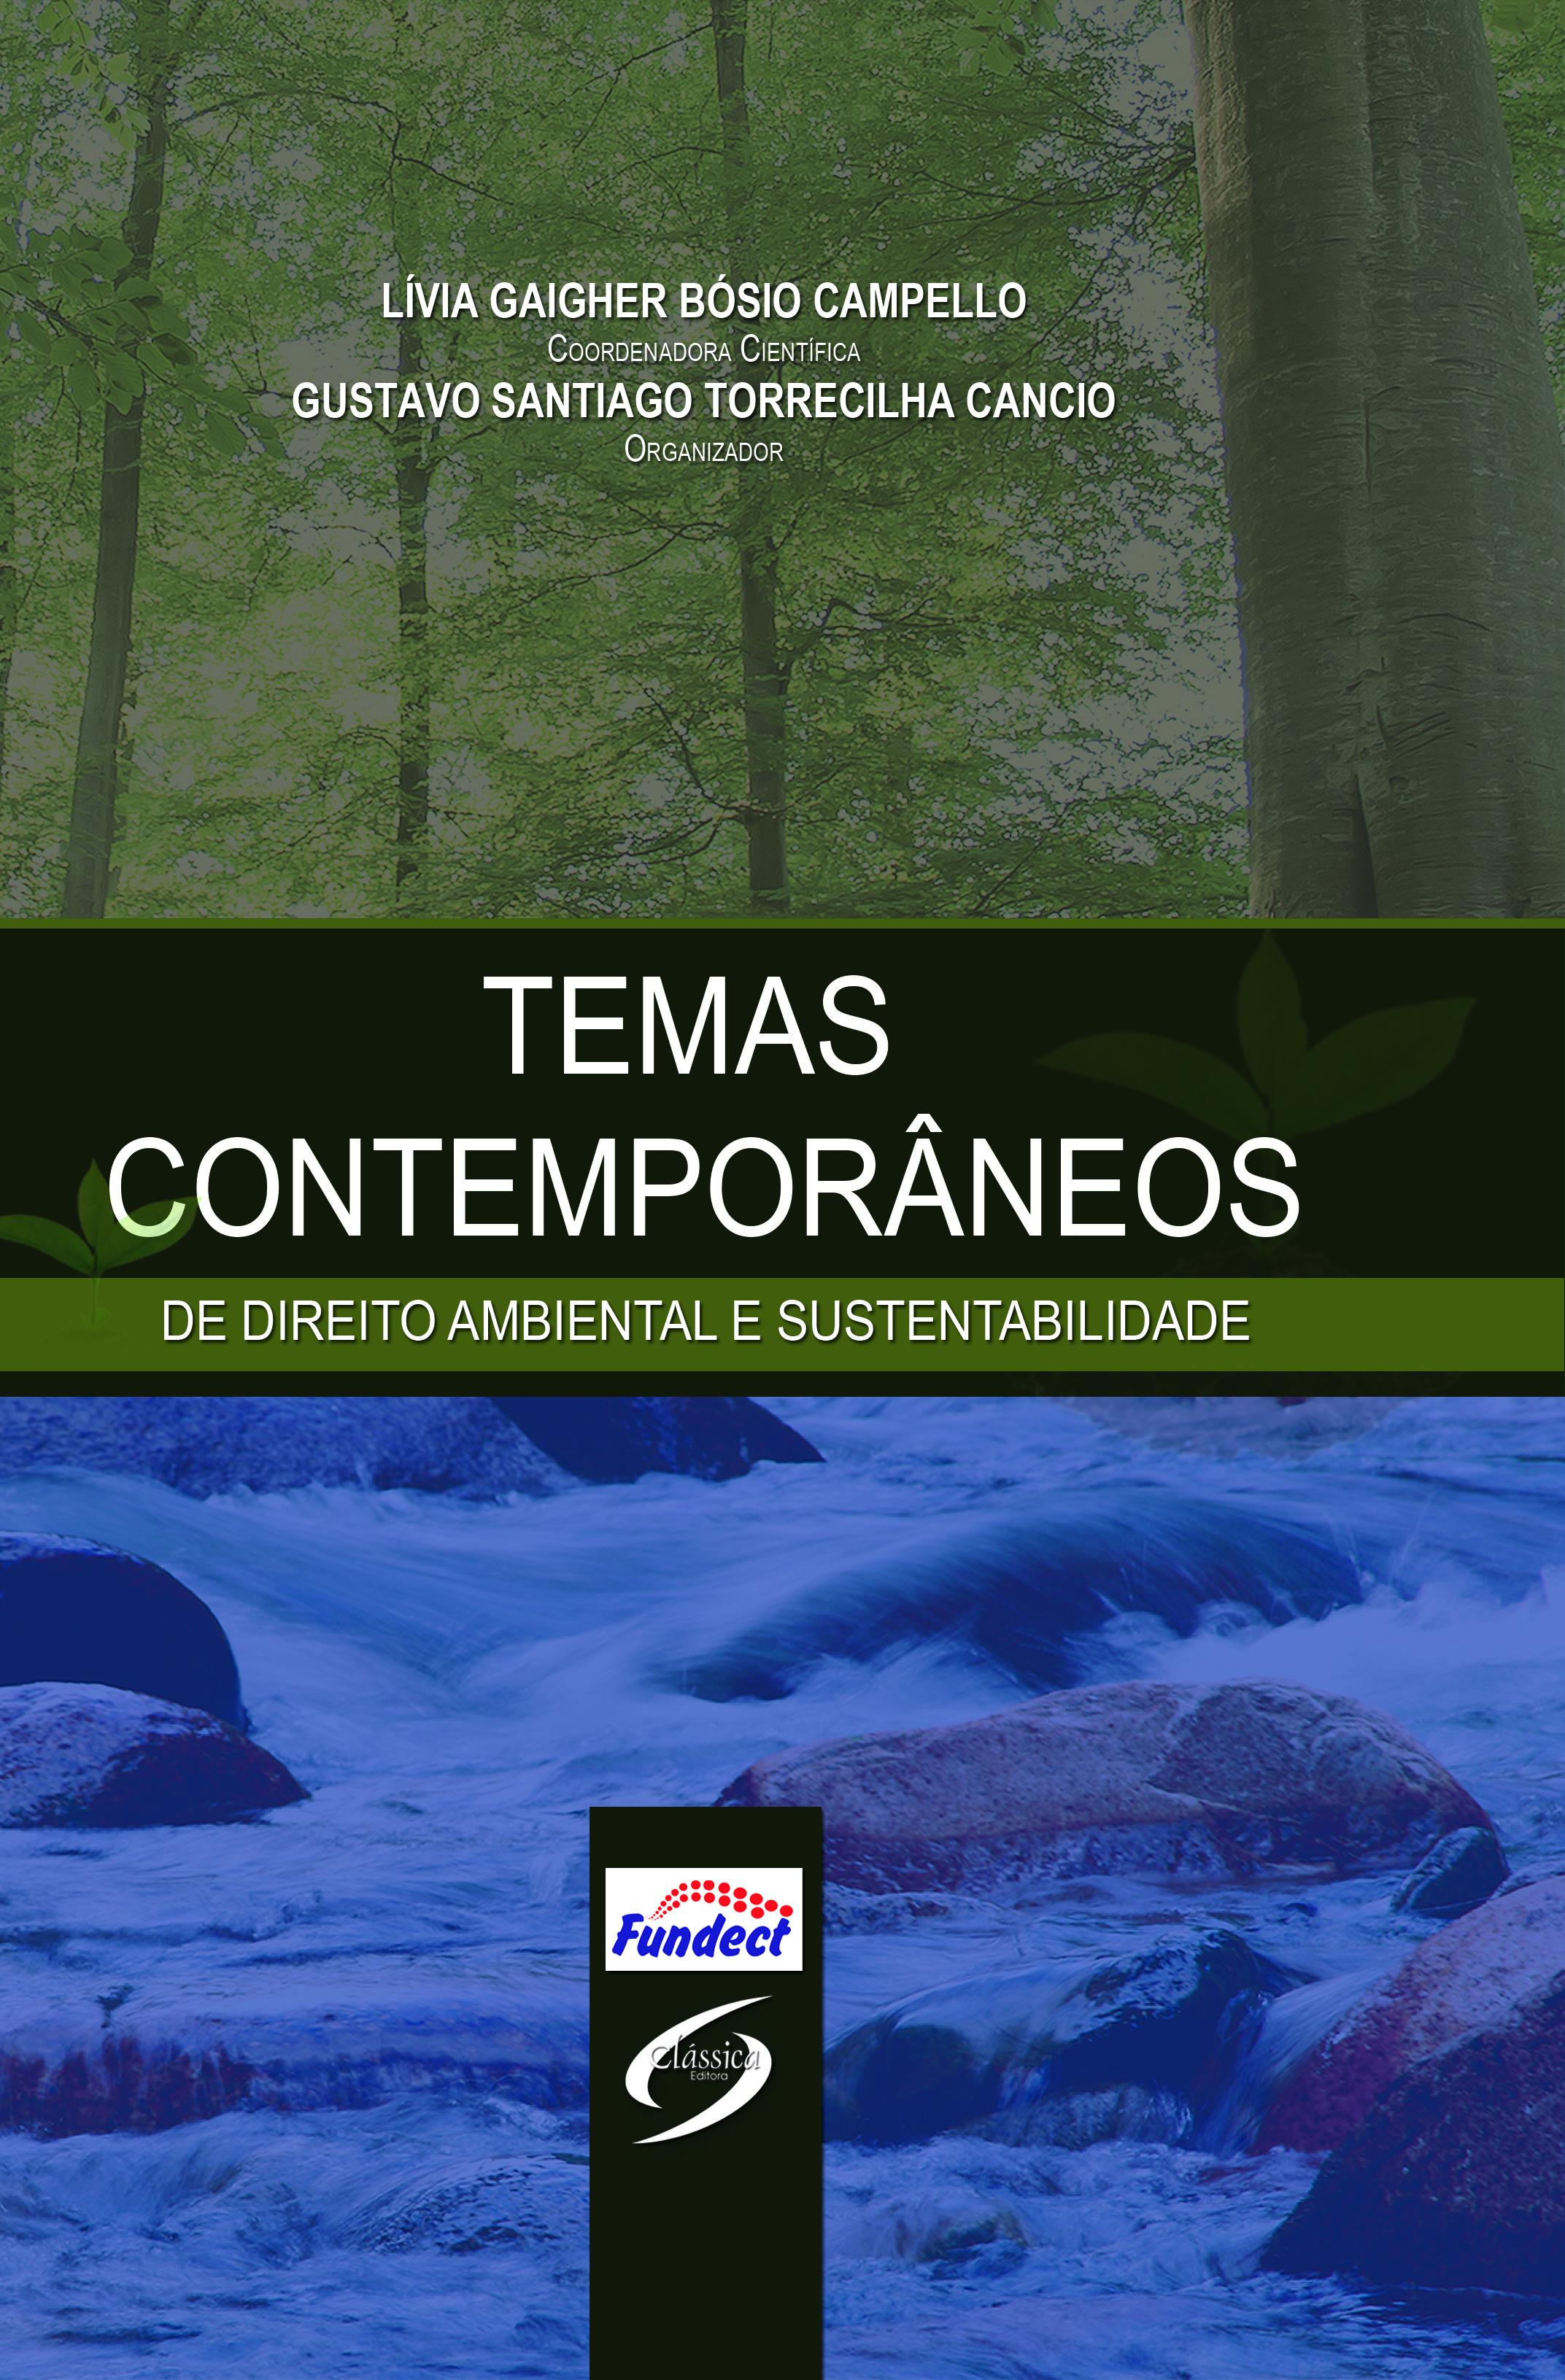 Temas Contemporâneos de Direito Ambiental e Sustentabilidade